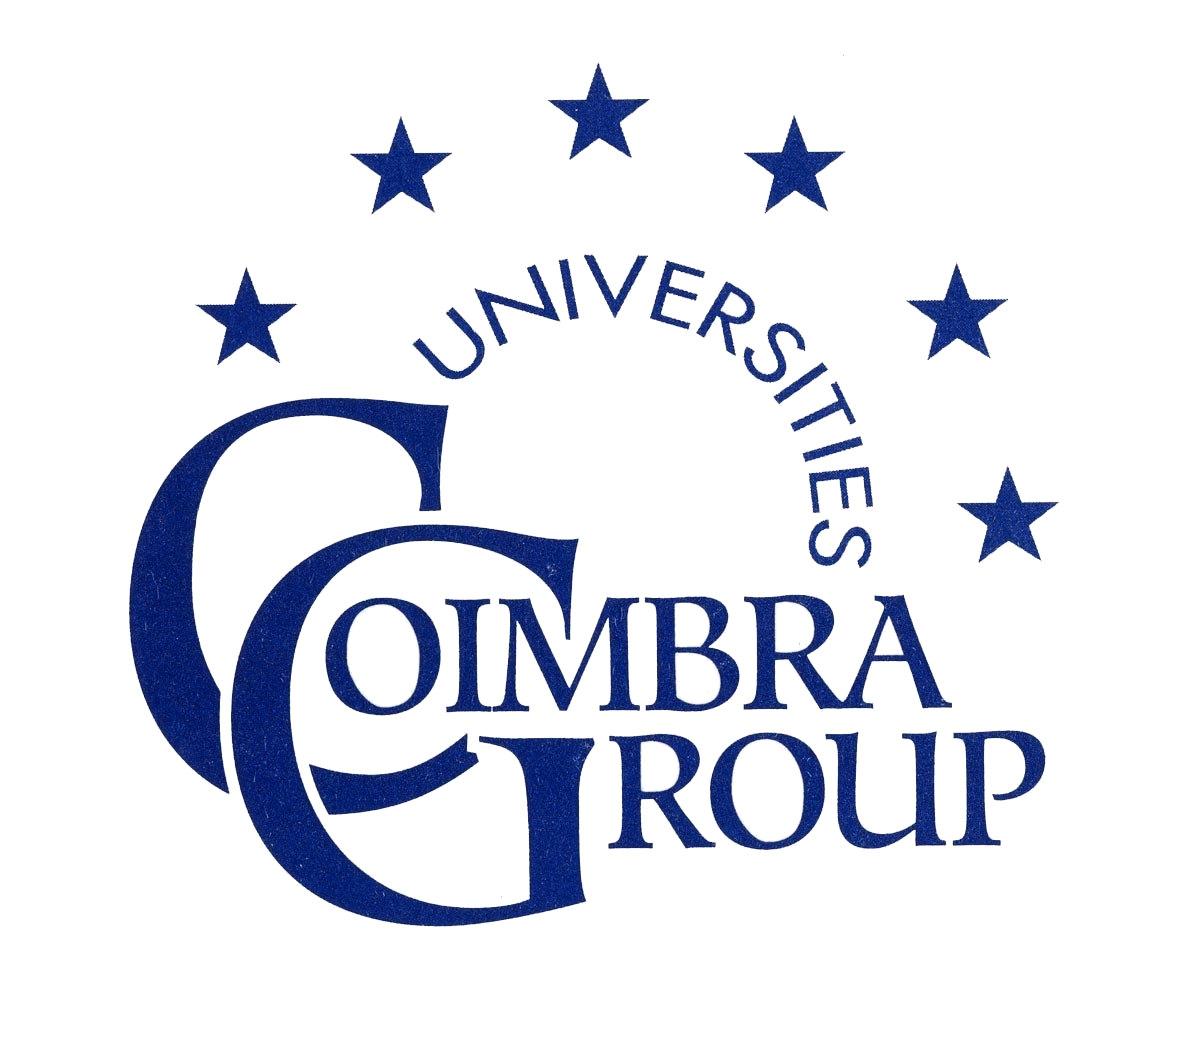 Grupo Coimbra